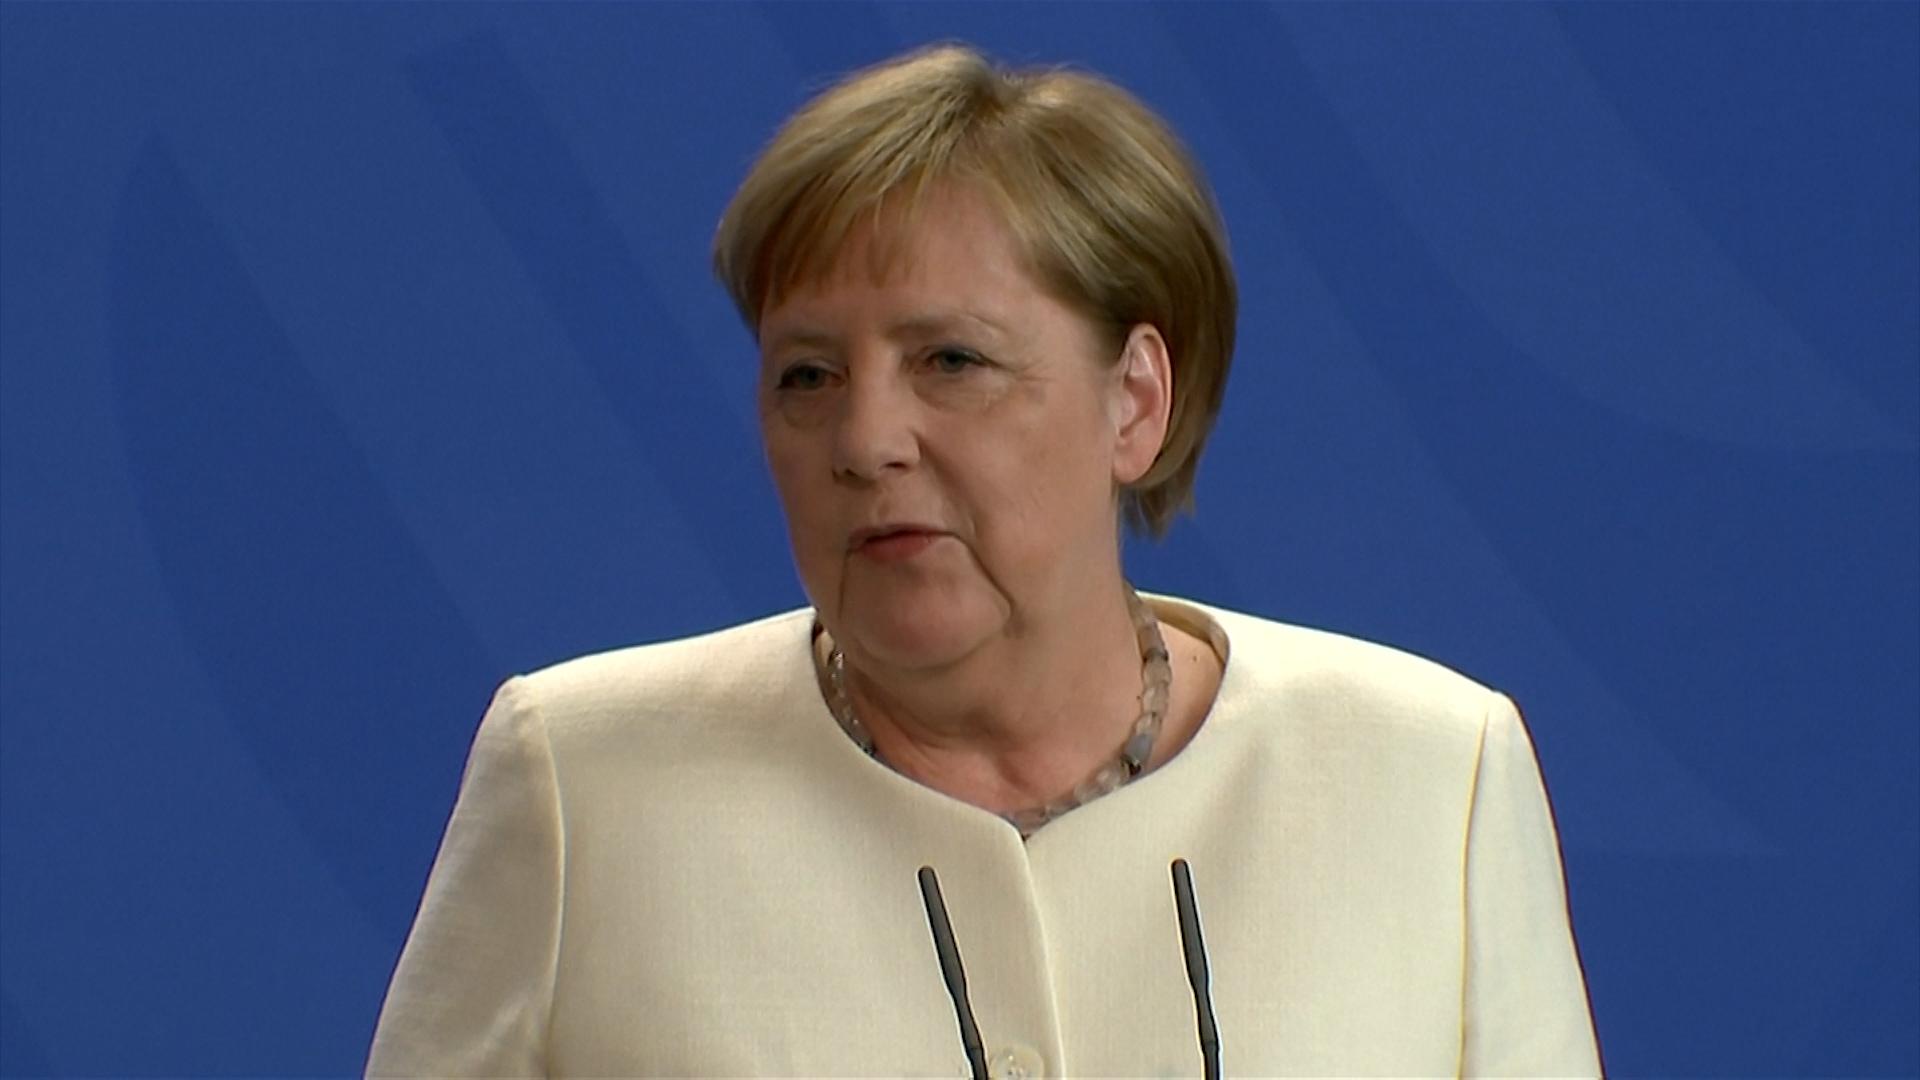 Merkel dio negativo en el primer test pero se mantiene en cuarentena